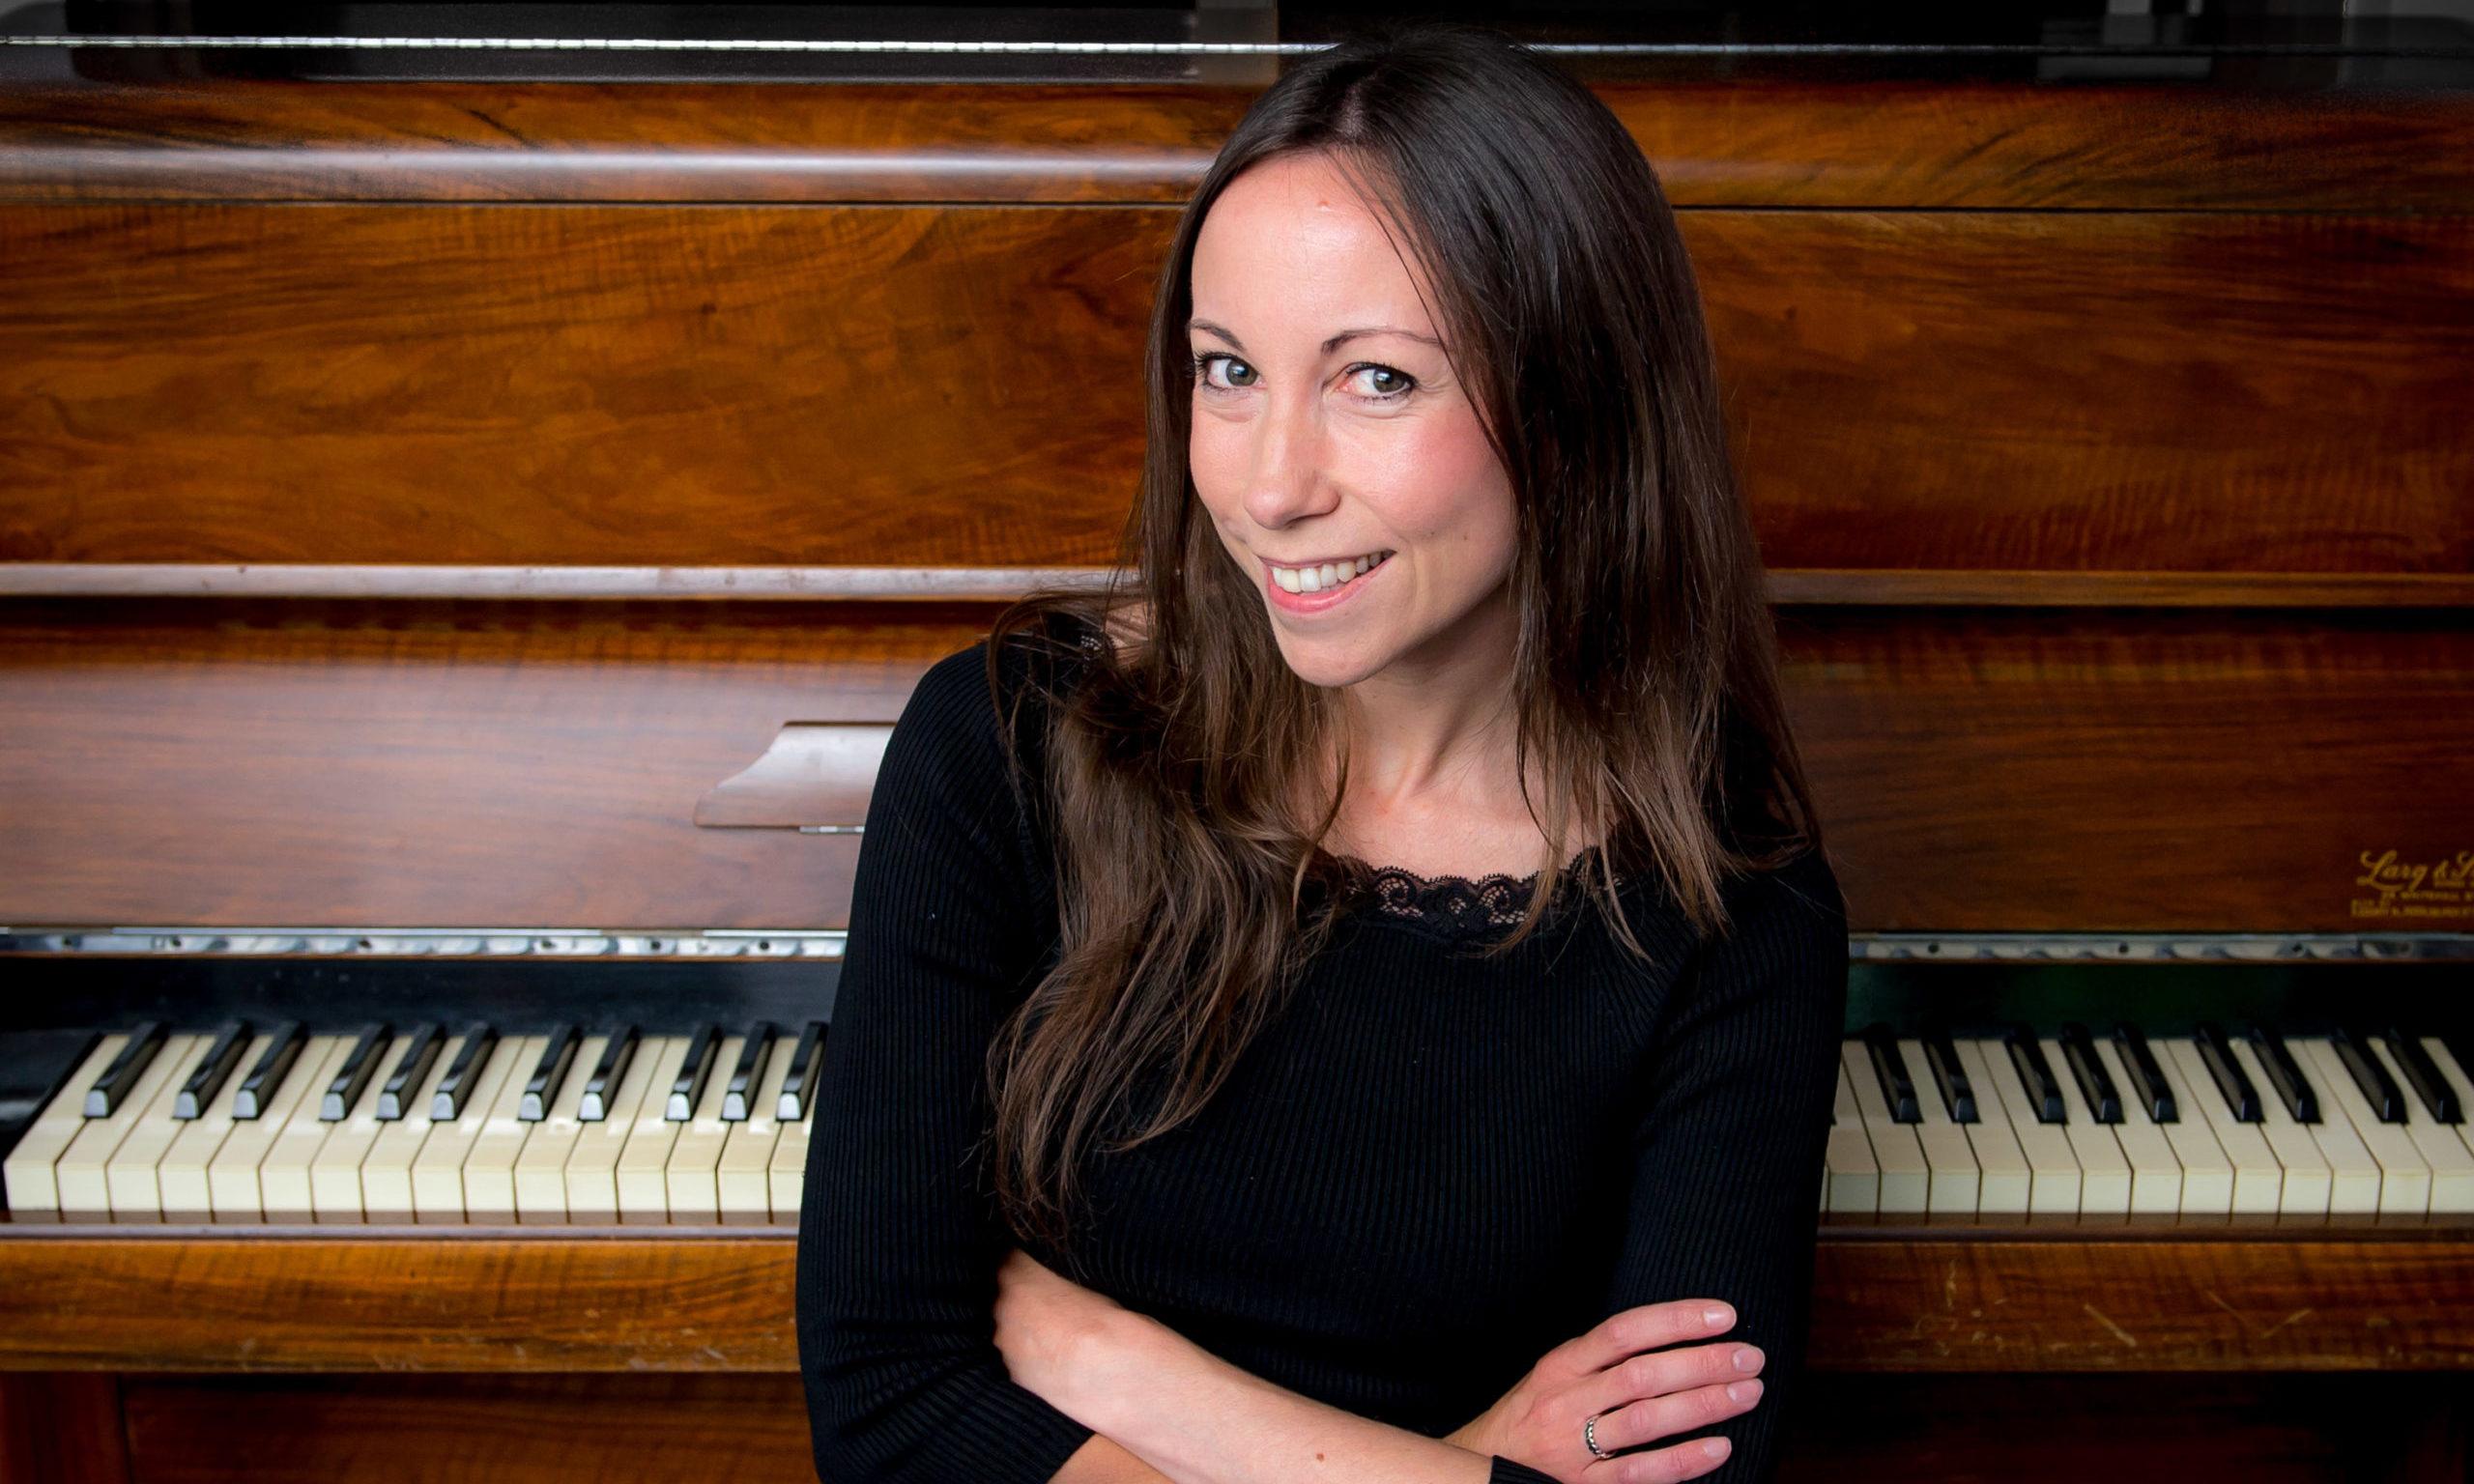 Helen MacKinnon at piano